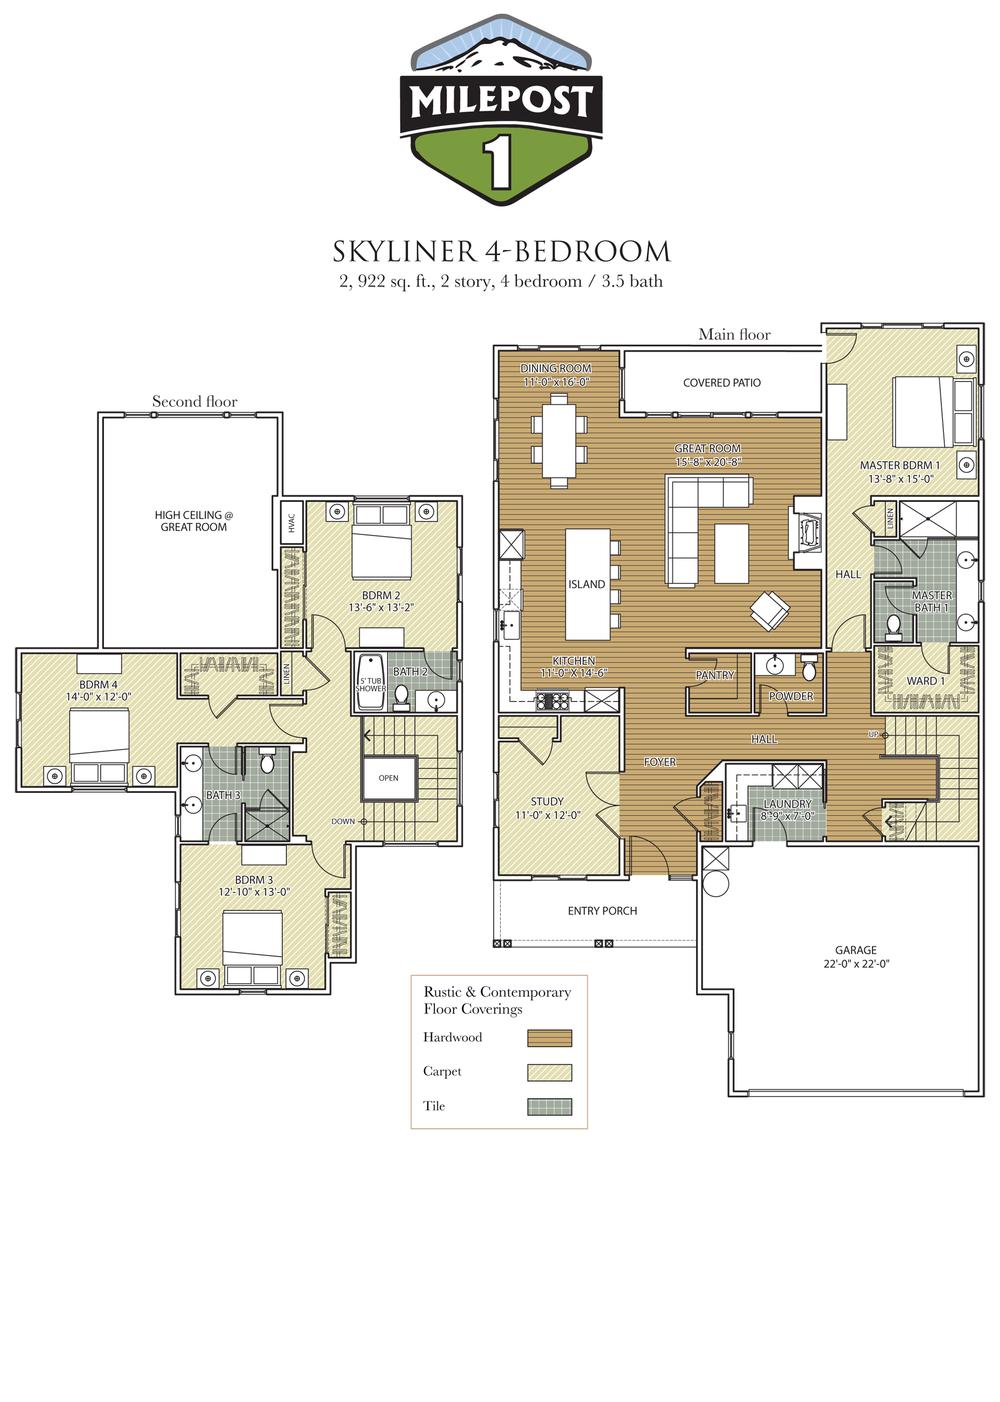 Milepost 1 Skyliner 4-Bedroom floor plan.png